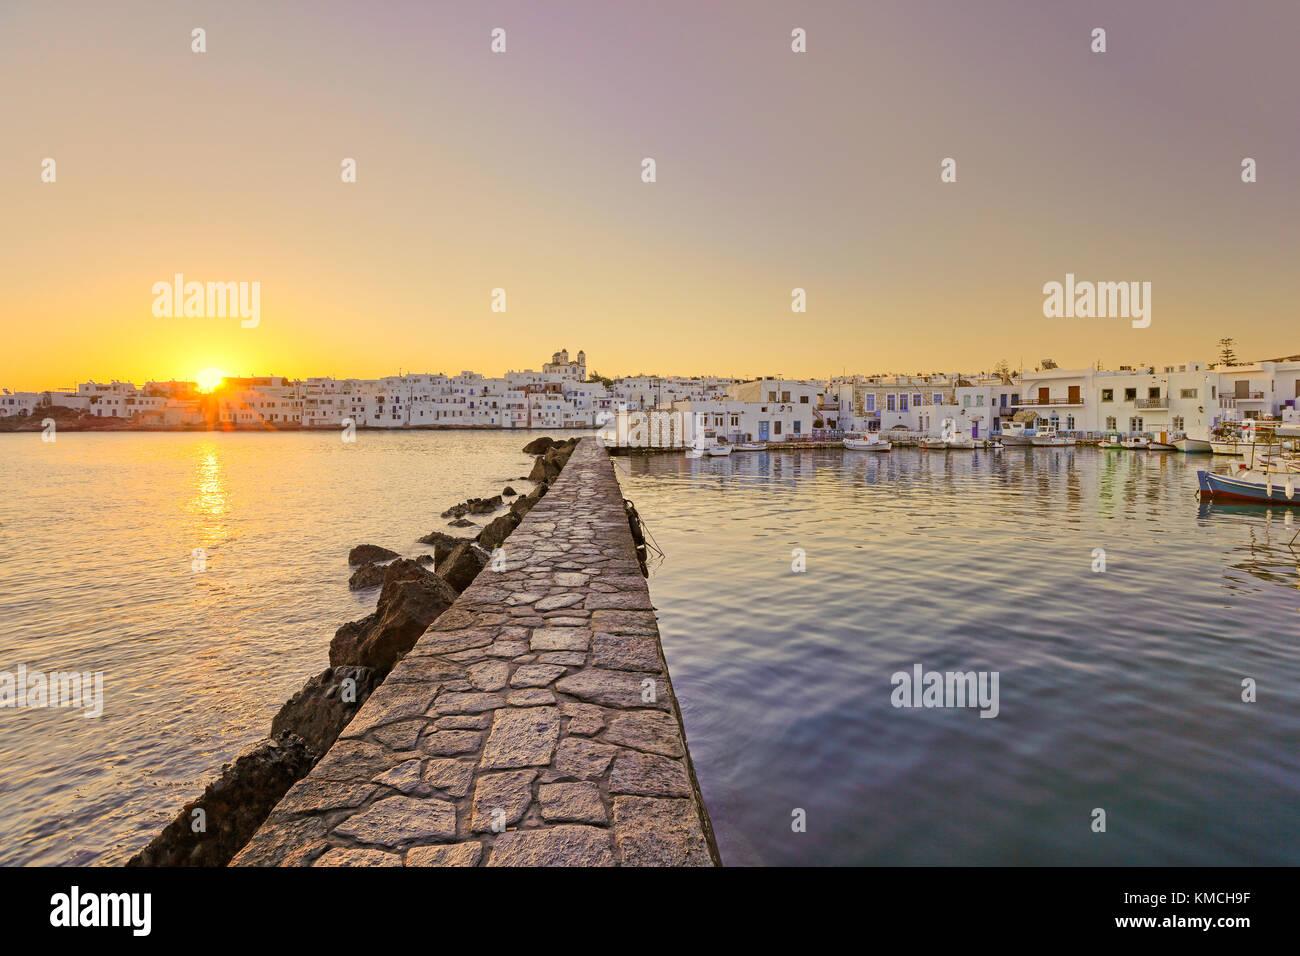 Der Sonnenaufgang am Hafen von Naoussa auf der Insel Paros, Griechenland Stockbild